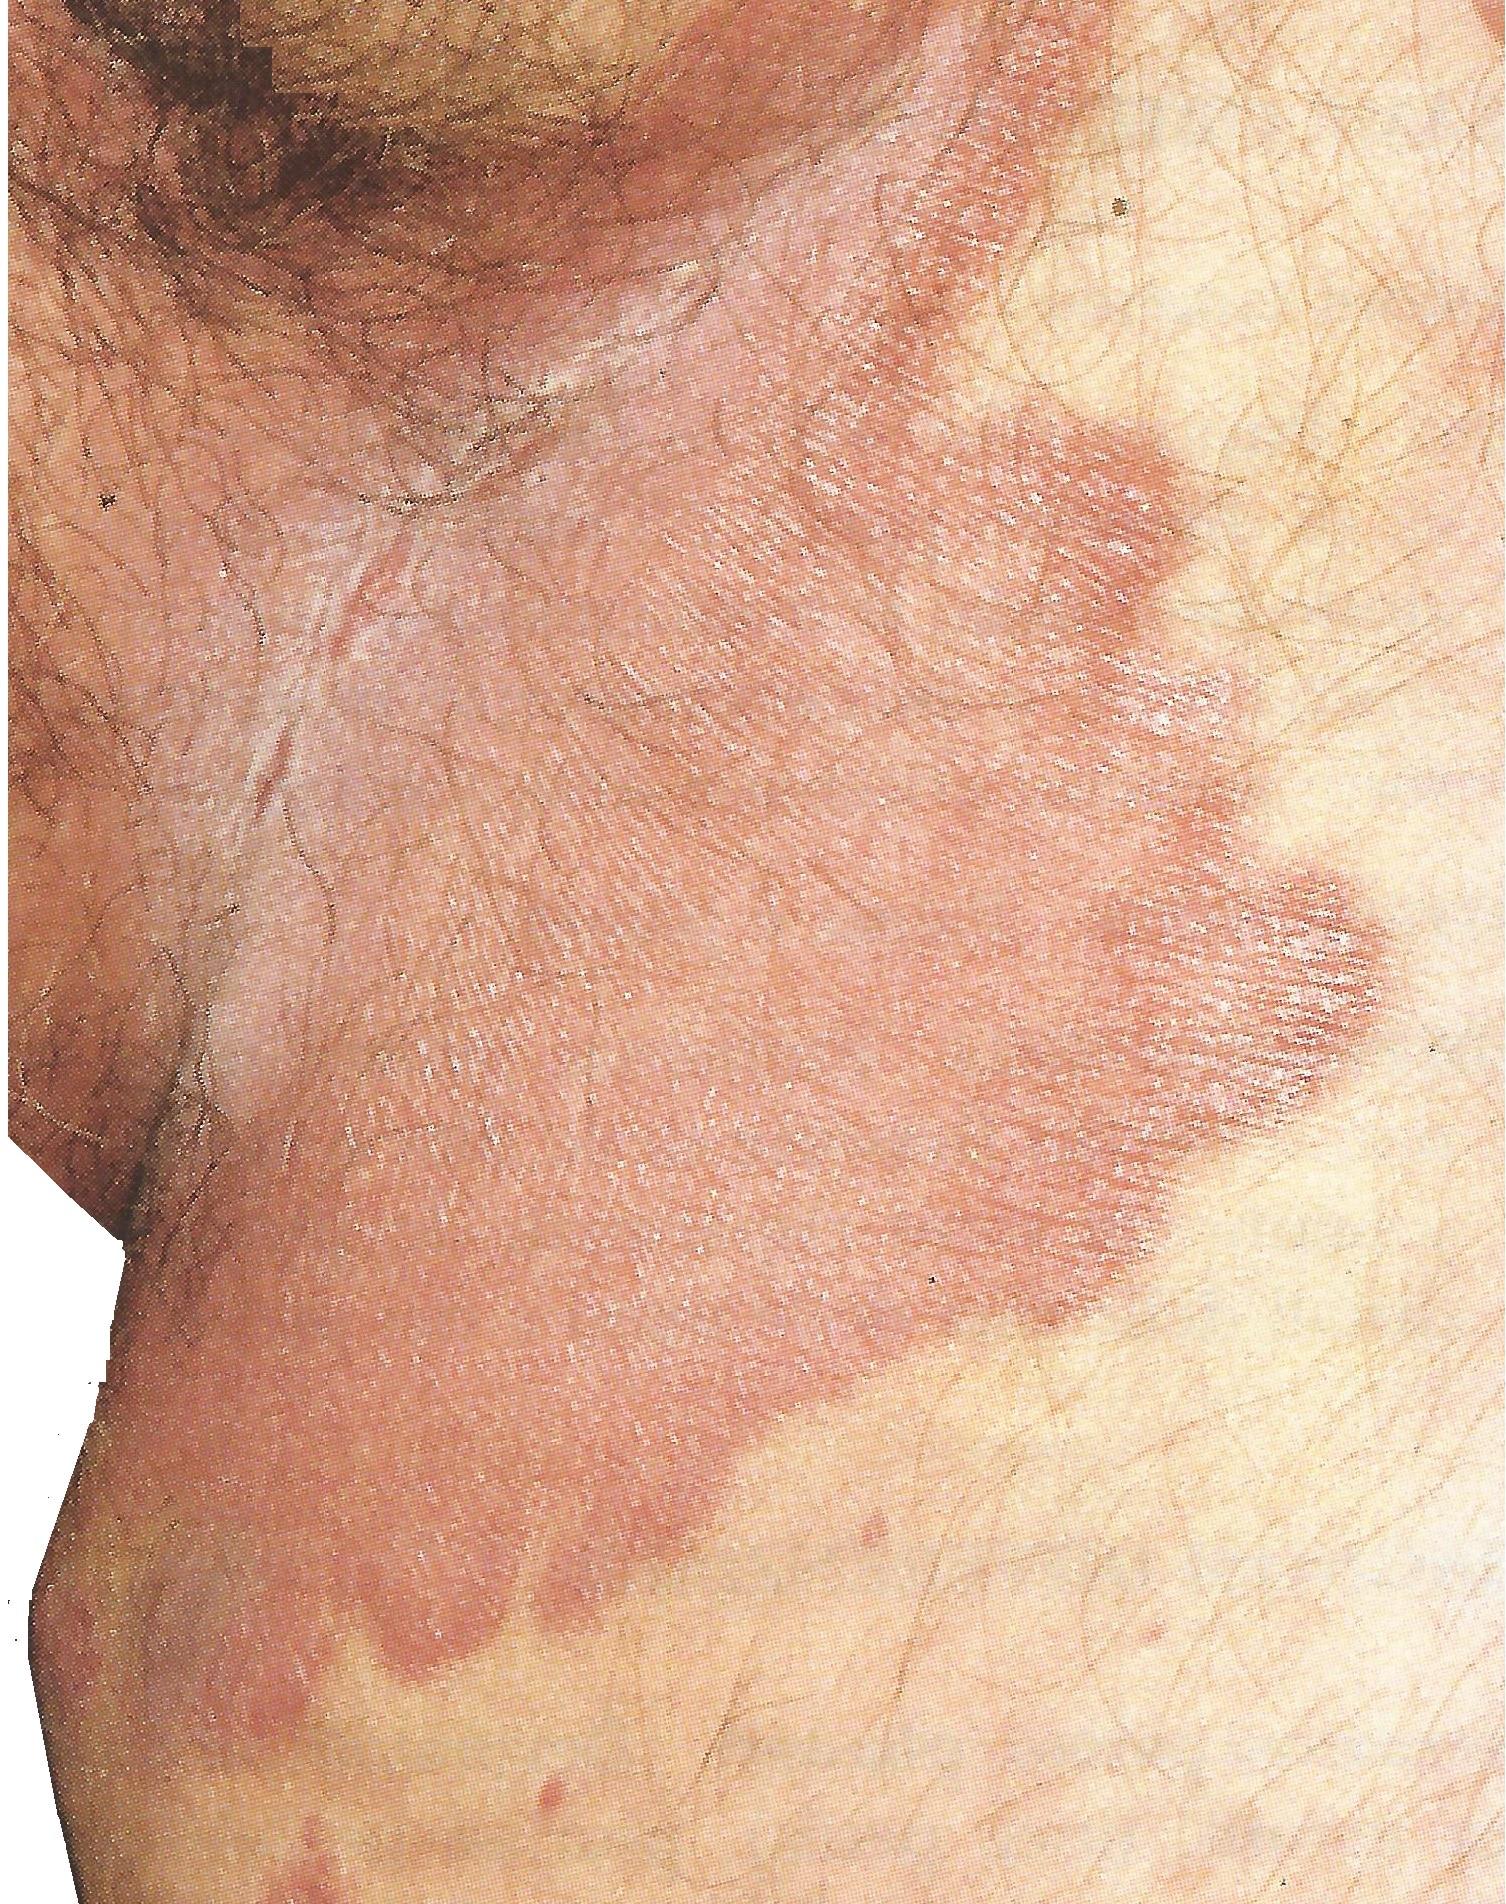 Psoriasis im Genitalbereich,Leisten